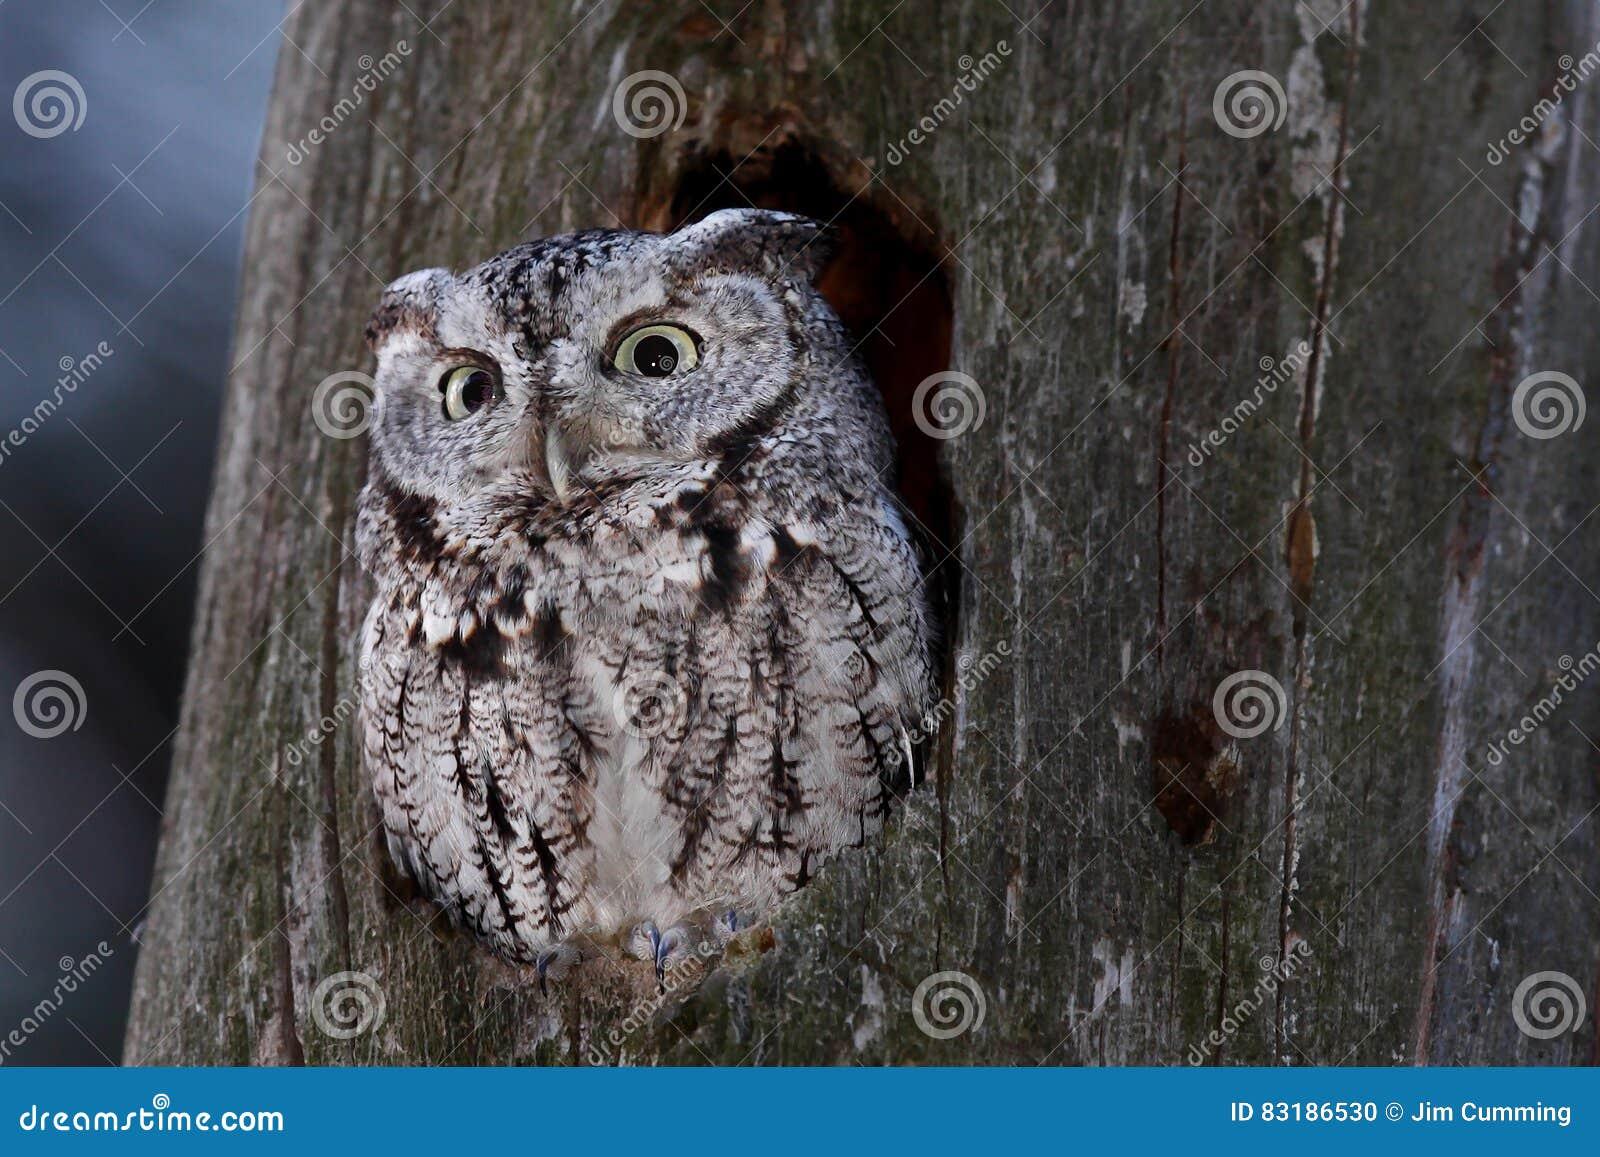 Eastern screech owl in Canada